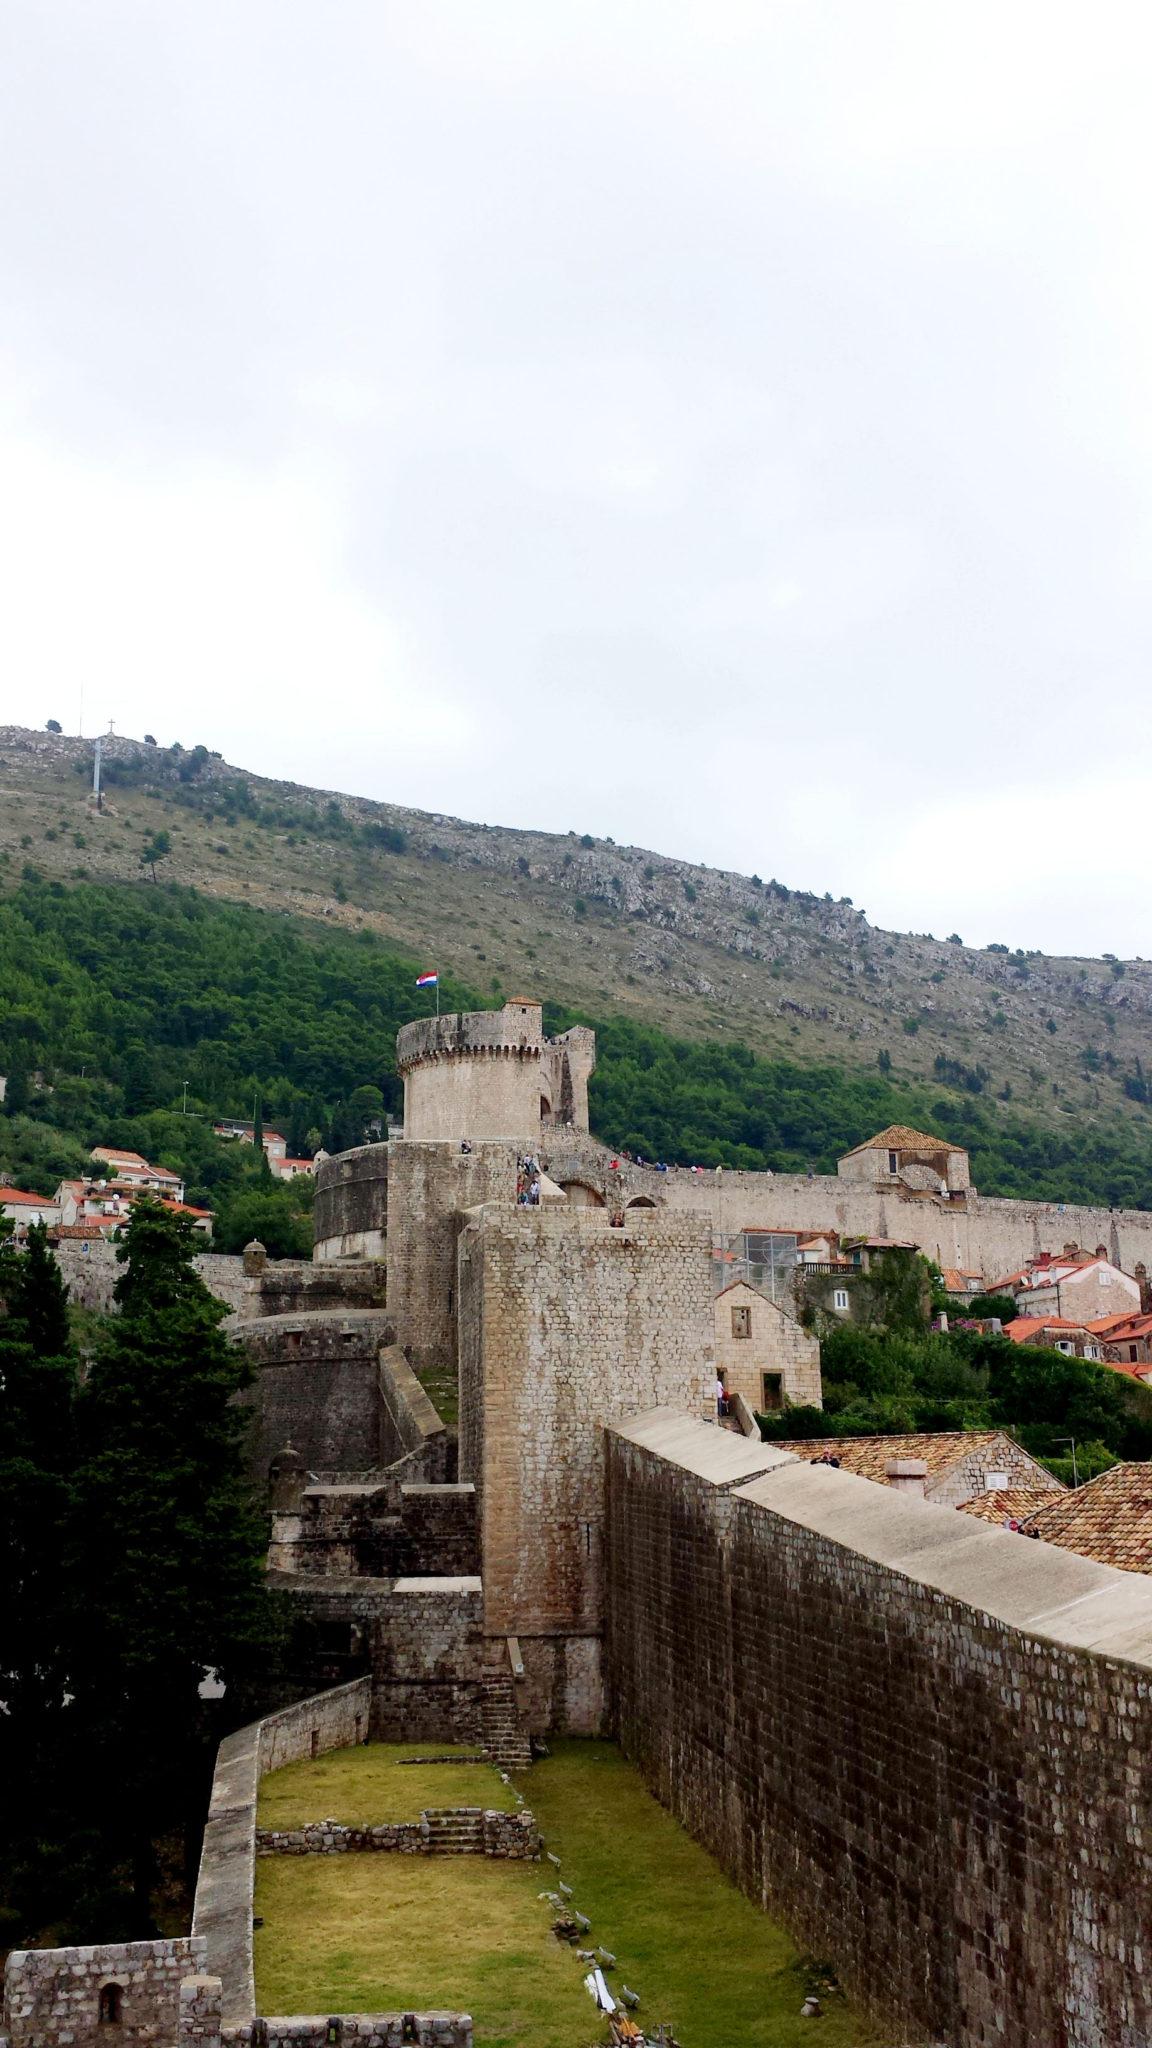 Hema_blog_mode_voyage_croatie_une_journee_a_dubrovnik_rempart_6